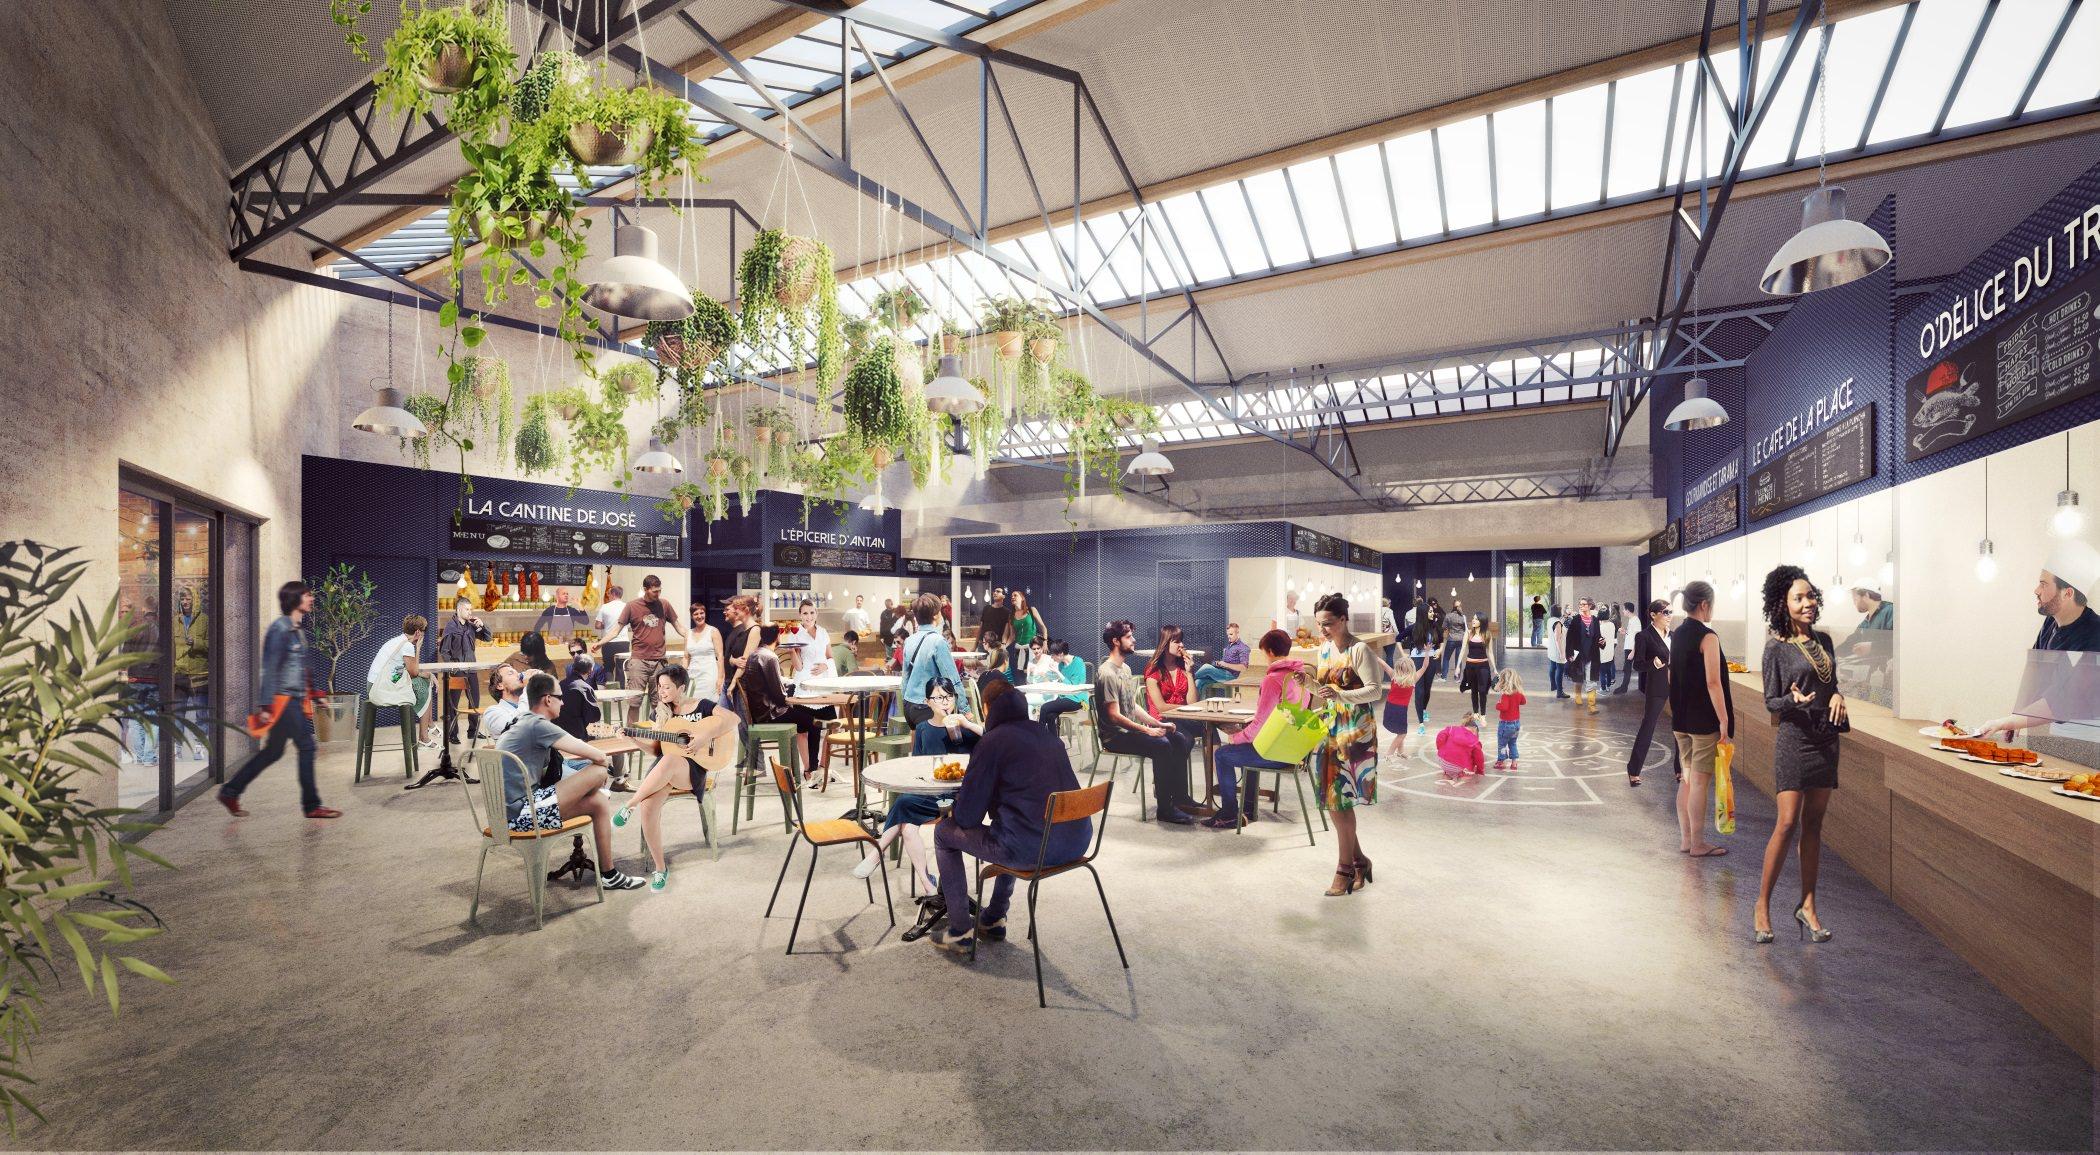 rendus d'intérieur 3D d'un espace commercial restaurant